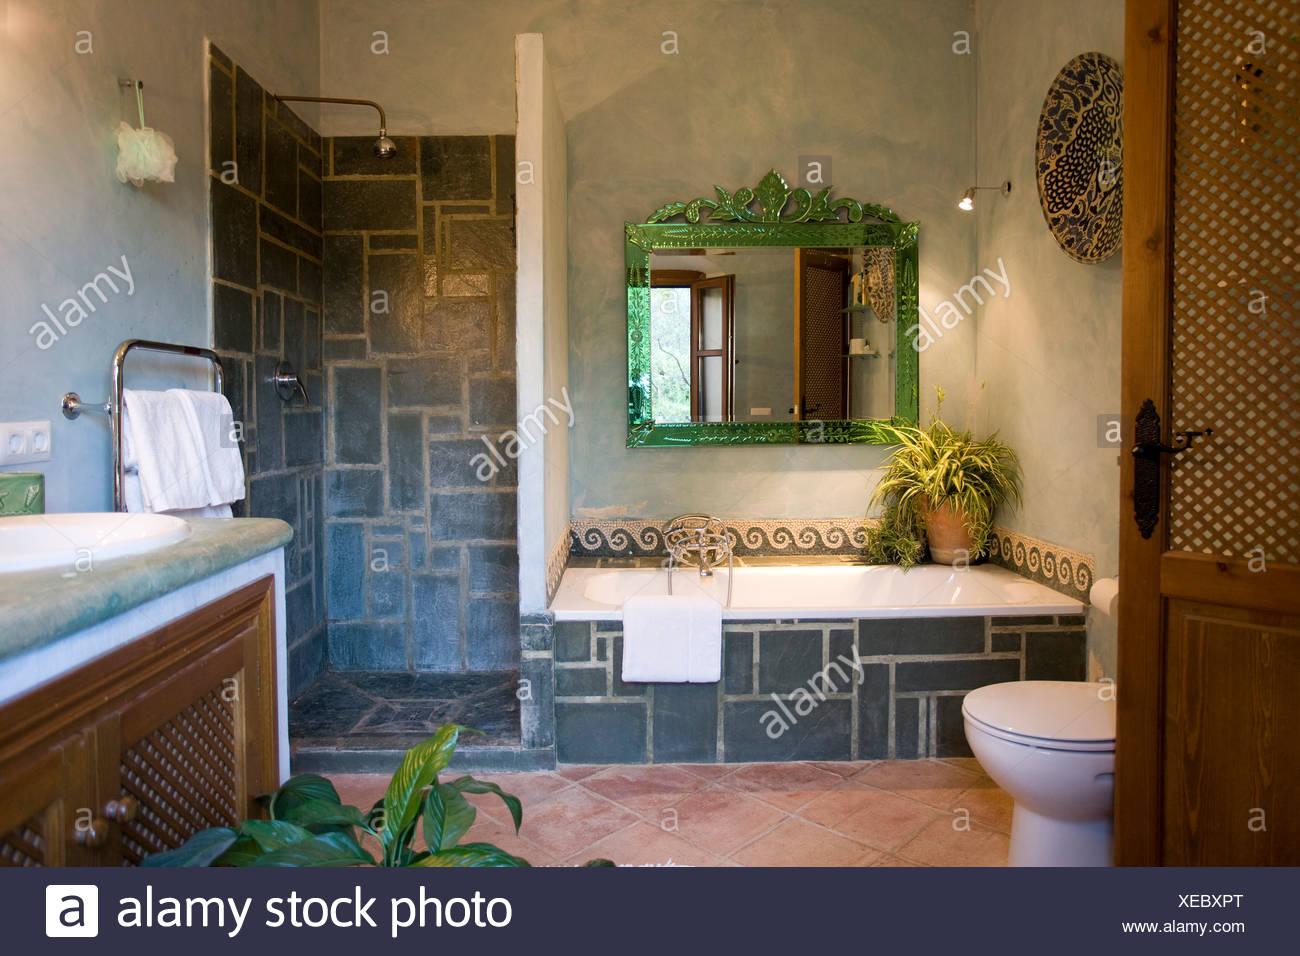 Green specchio incorniciato sopra con bagno in piastrelle di